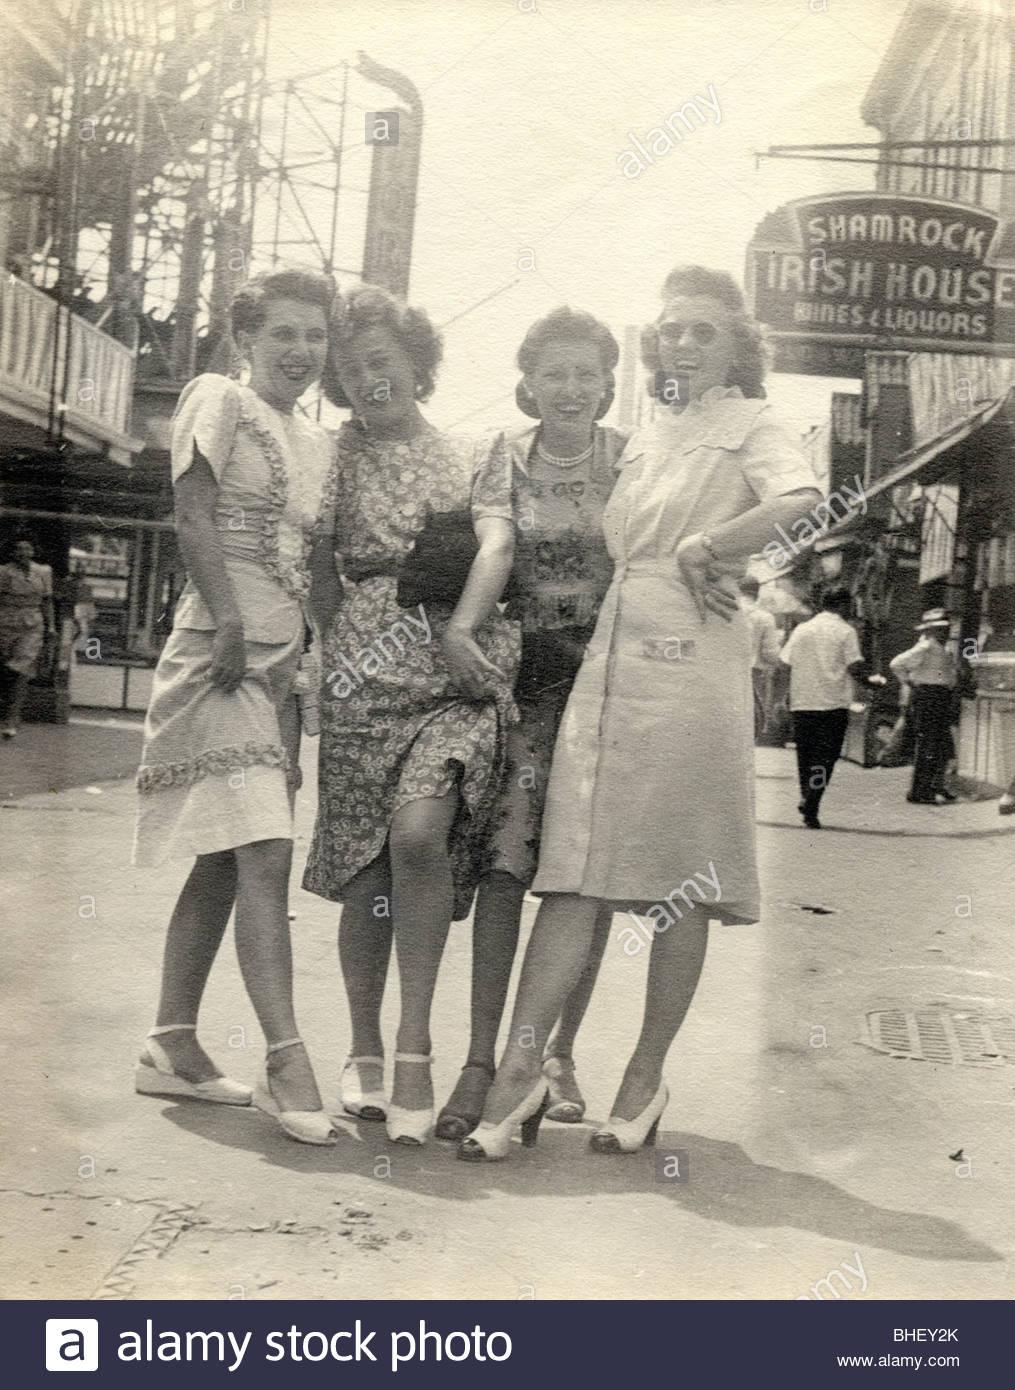 Les filles sur la ville montrant des jambes il y a Photo Stock